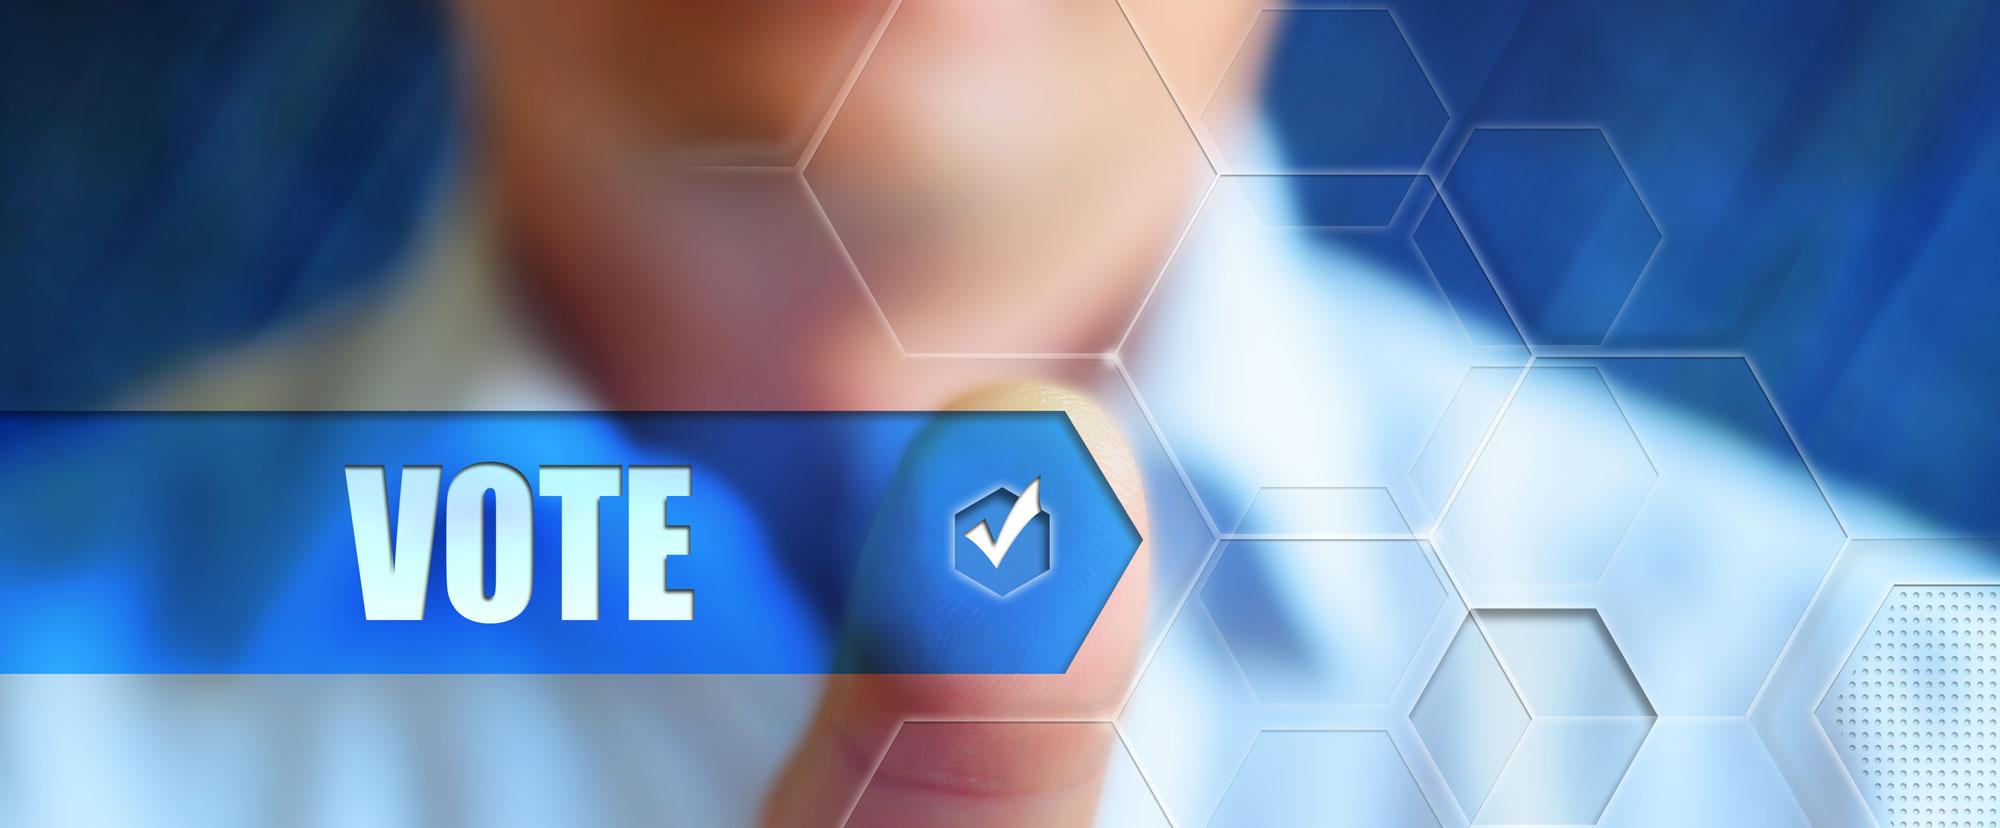 ¿Sabes que ya puedes votar en México y tramitar tu Credencial para Votar desde el extranjero?